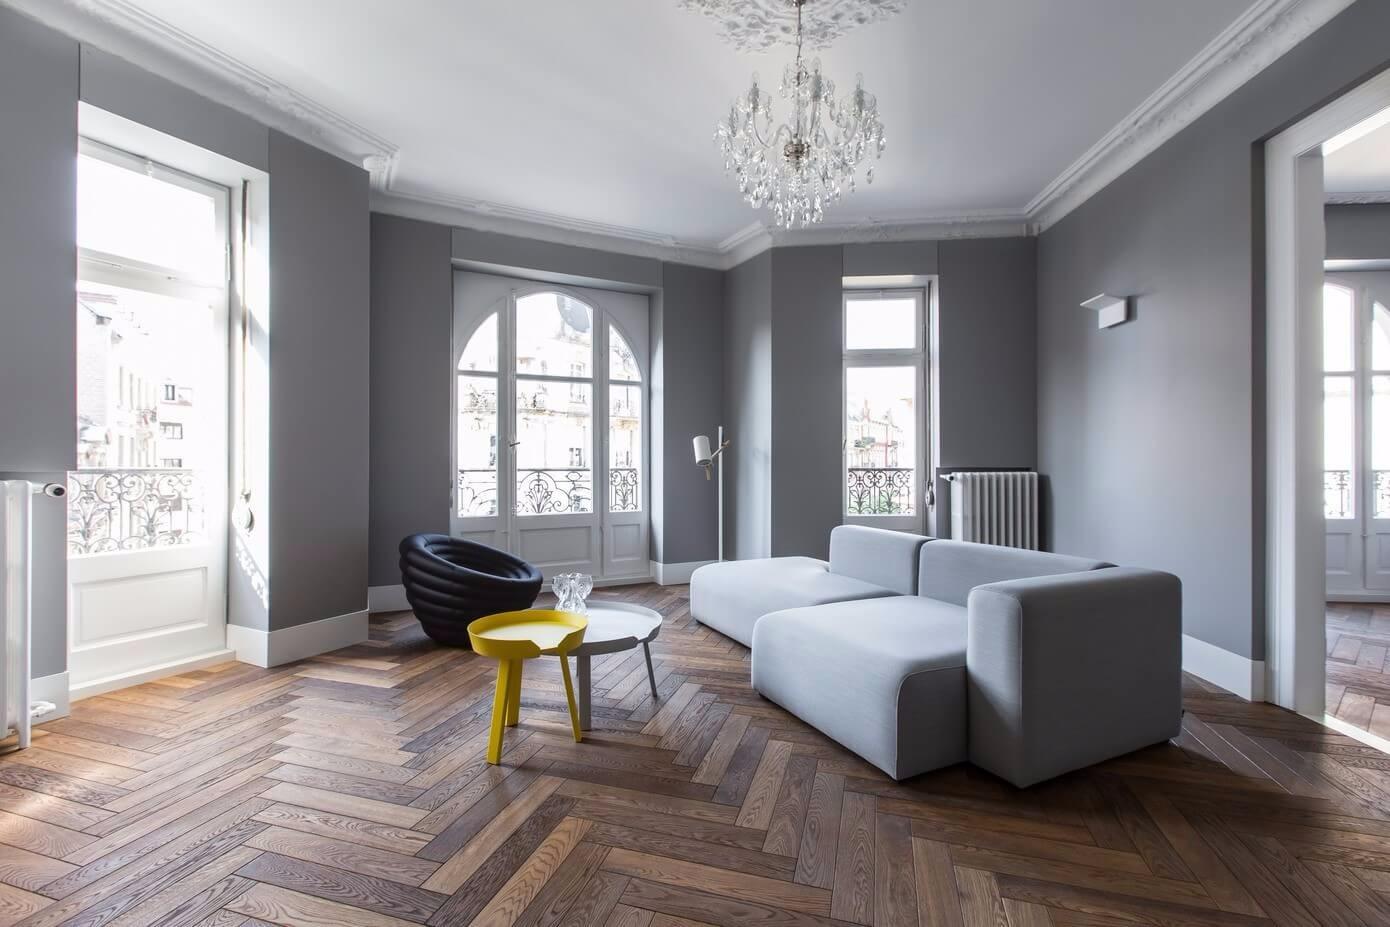 简约风格公寓客厅装修效果图